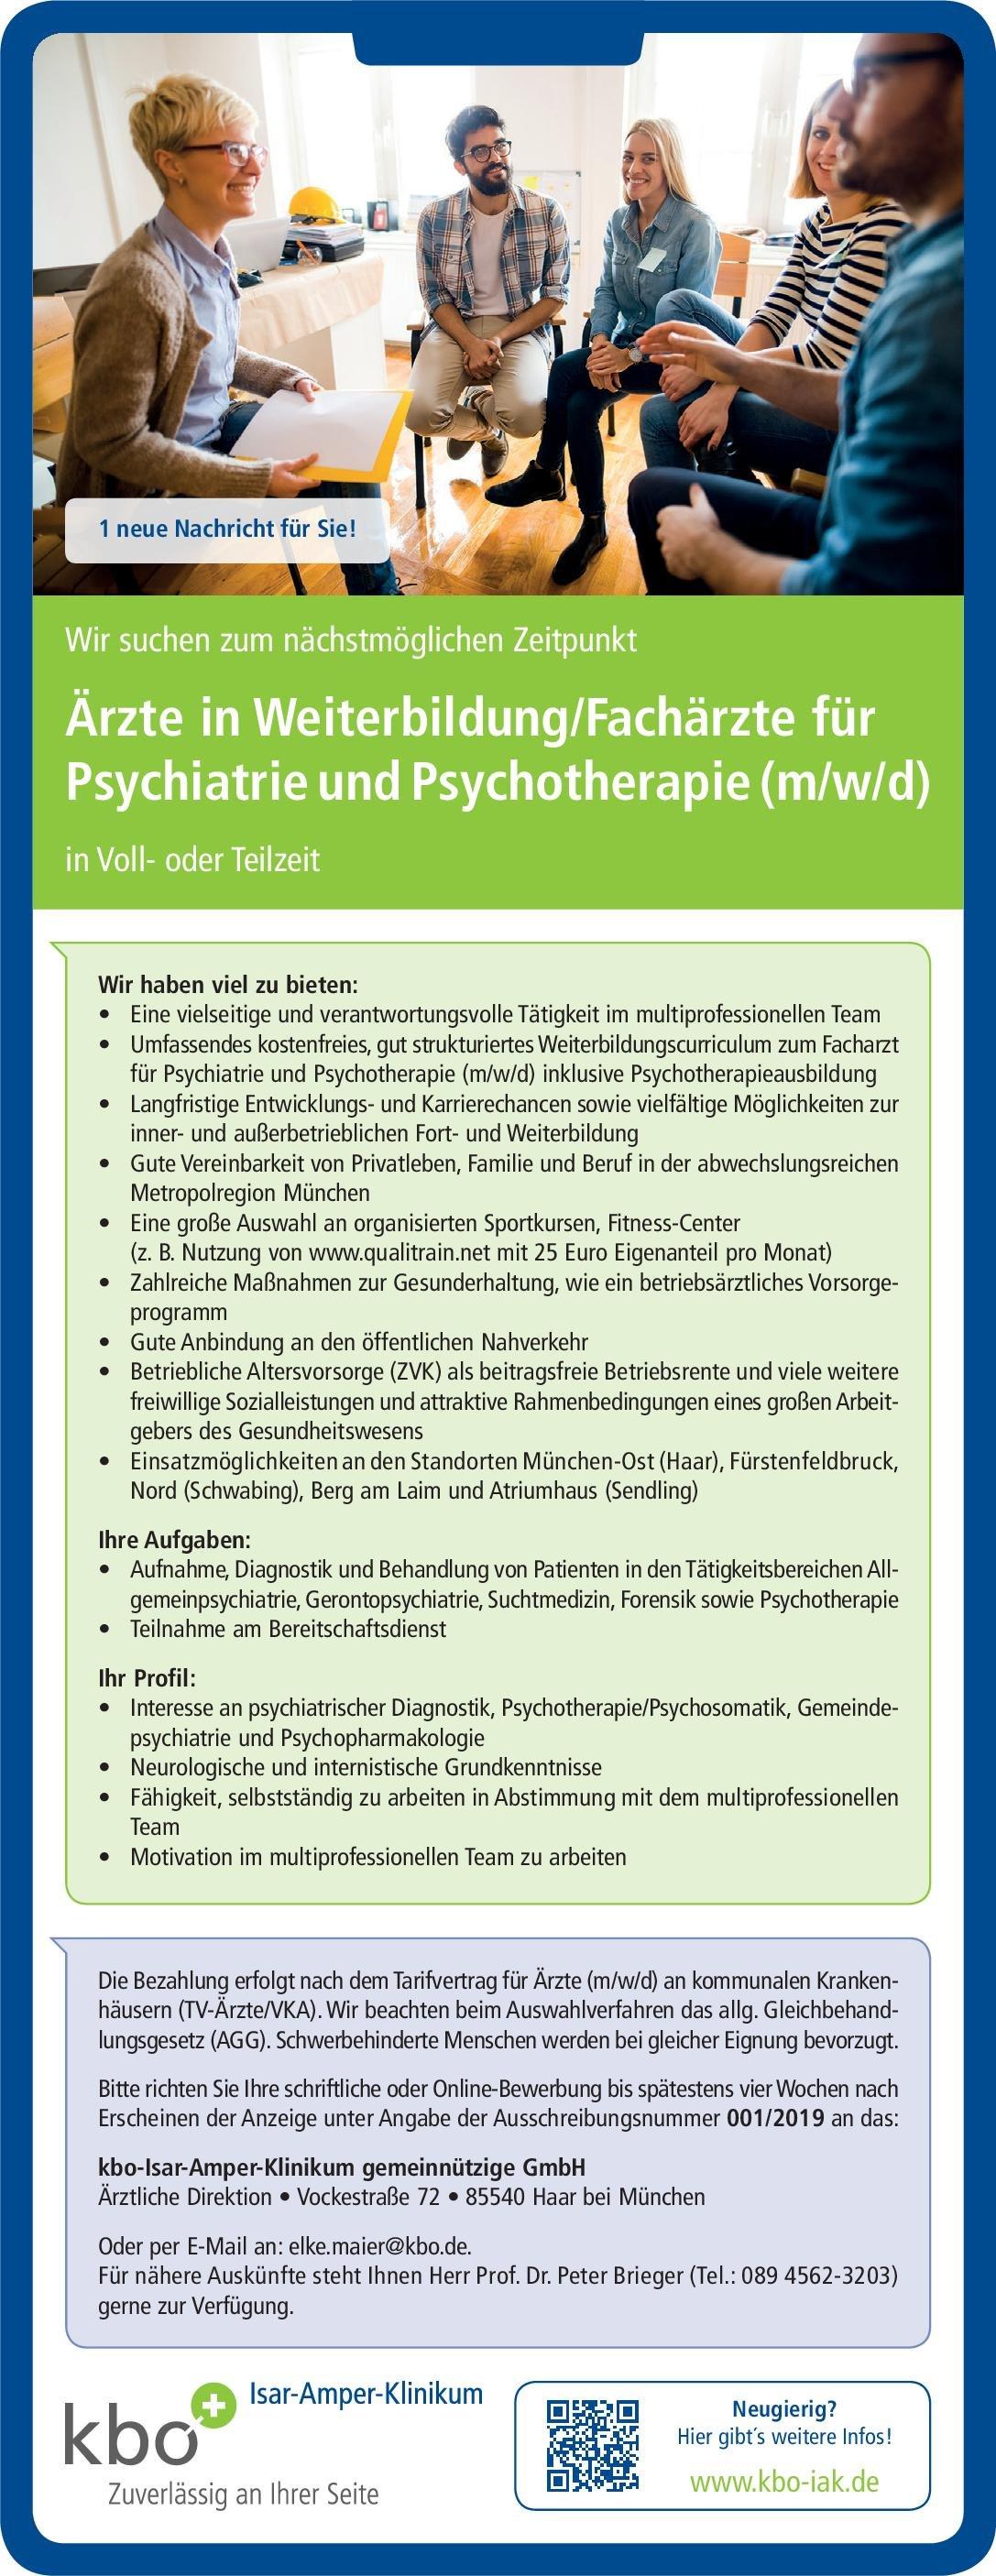 kbo-Isar-Amper-Klinikum gemeinnützige GmbH Ärzte in Weiterbildung/Fachärzte für Psychiatrie und Psychotherapie (m/w/d)  Psychiatrie und Psychotherapie, Psychiatrie und Psychotherapie Arzt / Facharzt, Assistenzarzt / Arzt in Weiterbildung